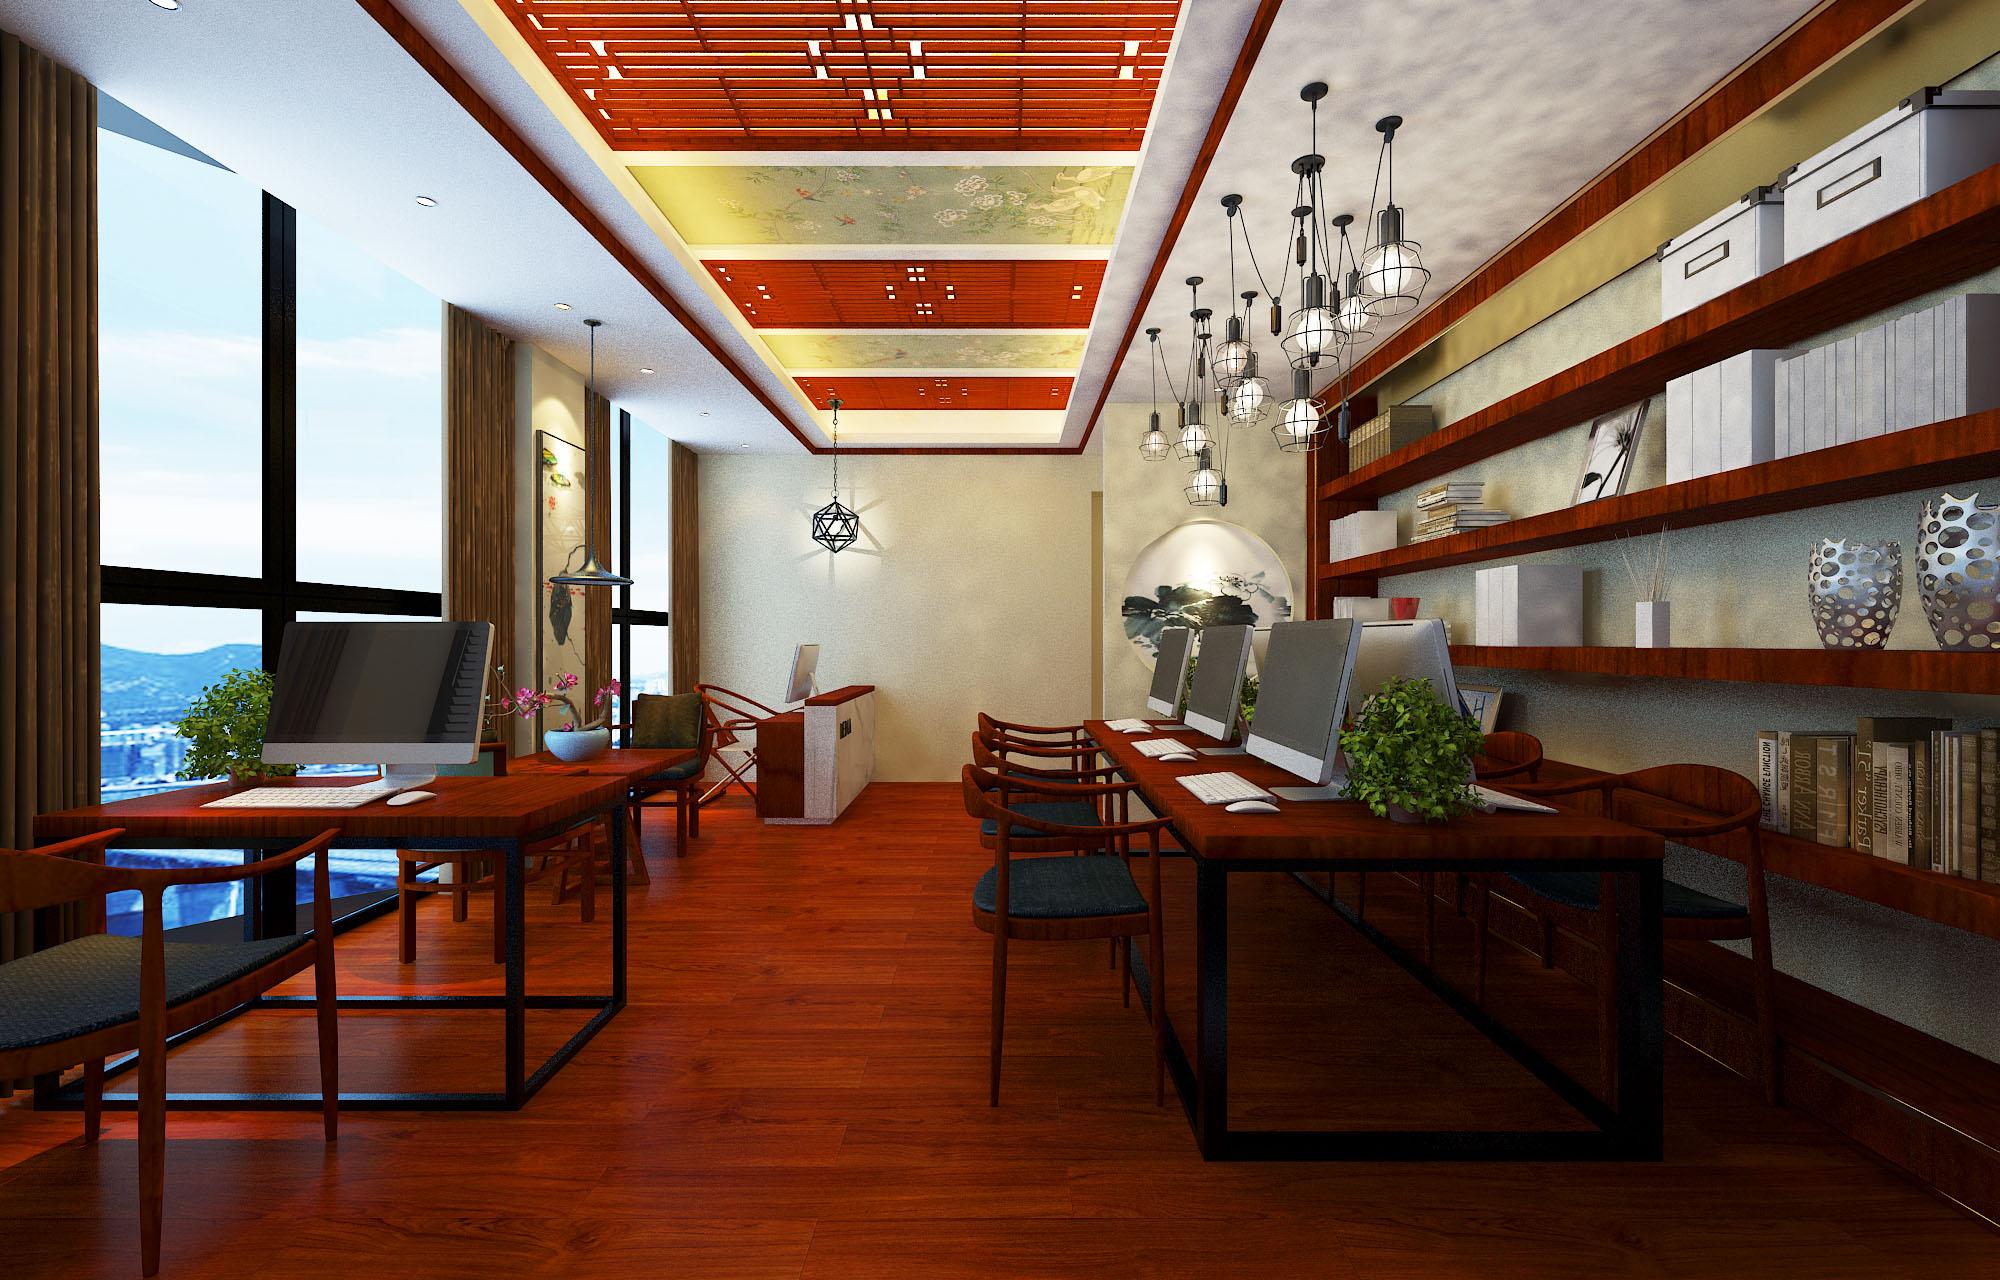 君子兰装饰 万达中心 郑州万达装 万达装修设 办公装修 办公设计 客厅图片来自流落四方在万达中心中式古典办公的分享